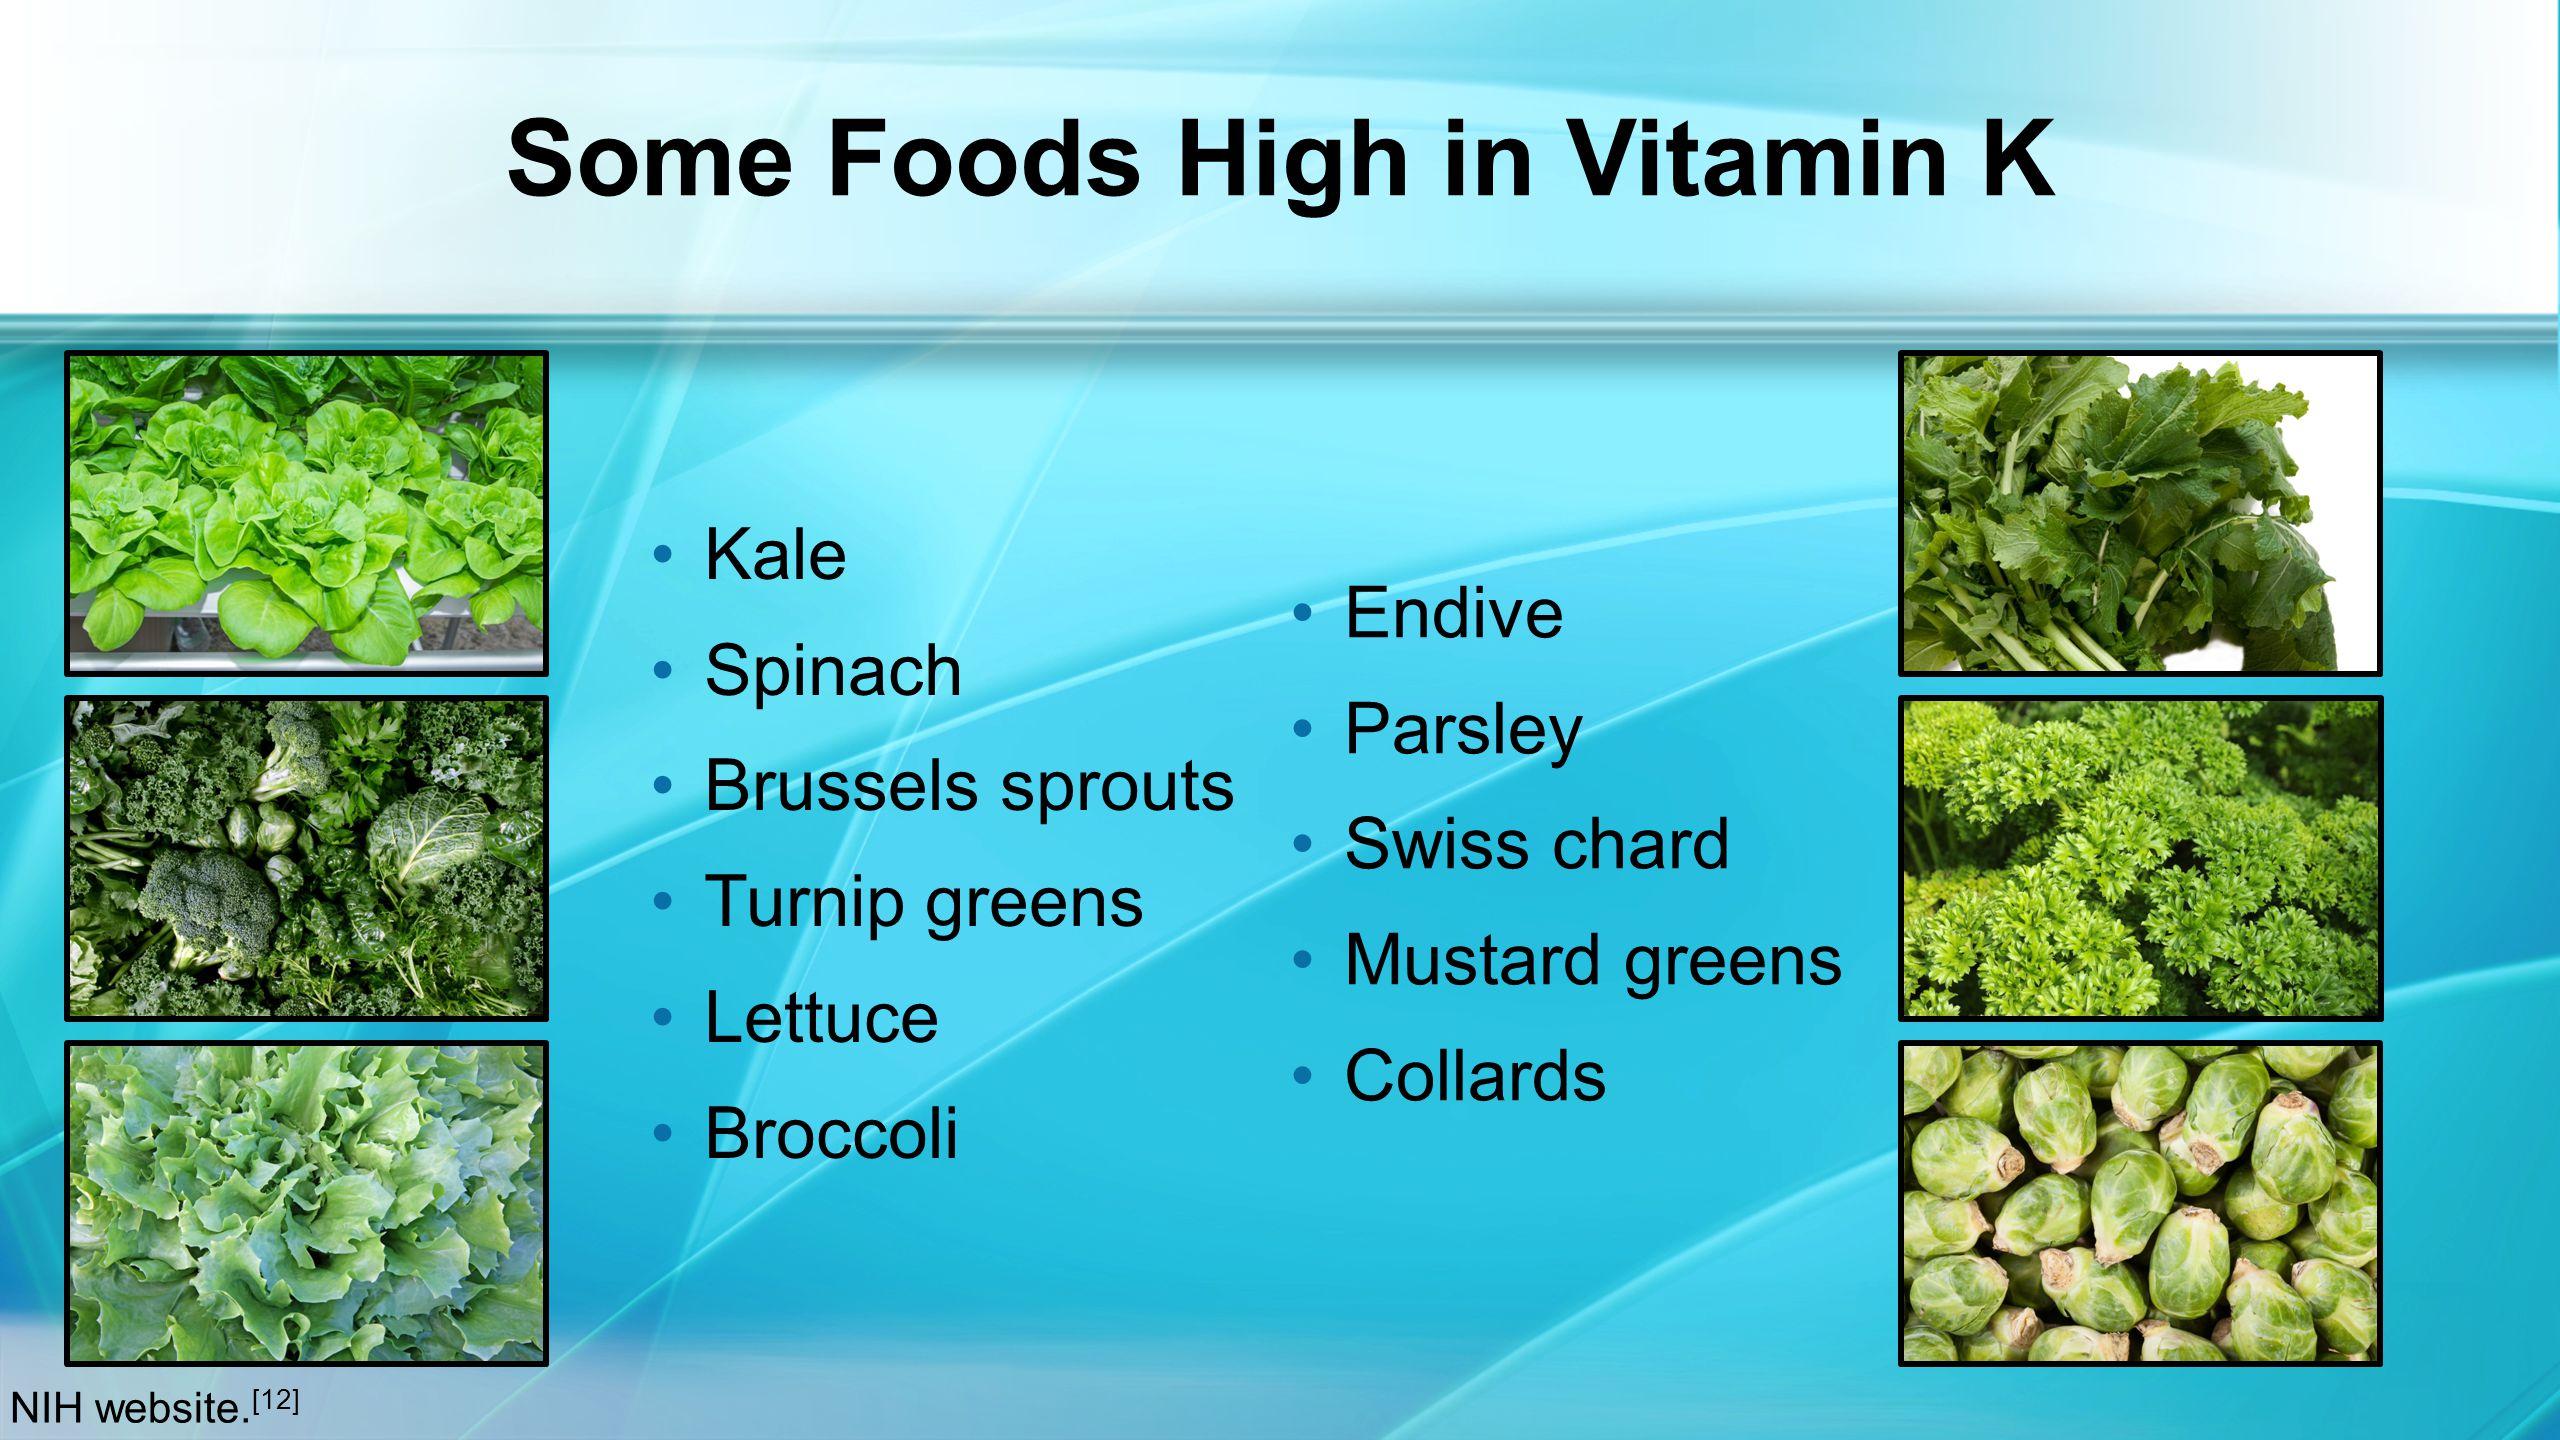 Some Foods High in Vitamin K NIH website.